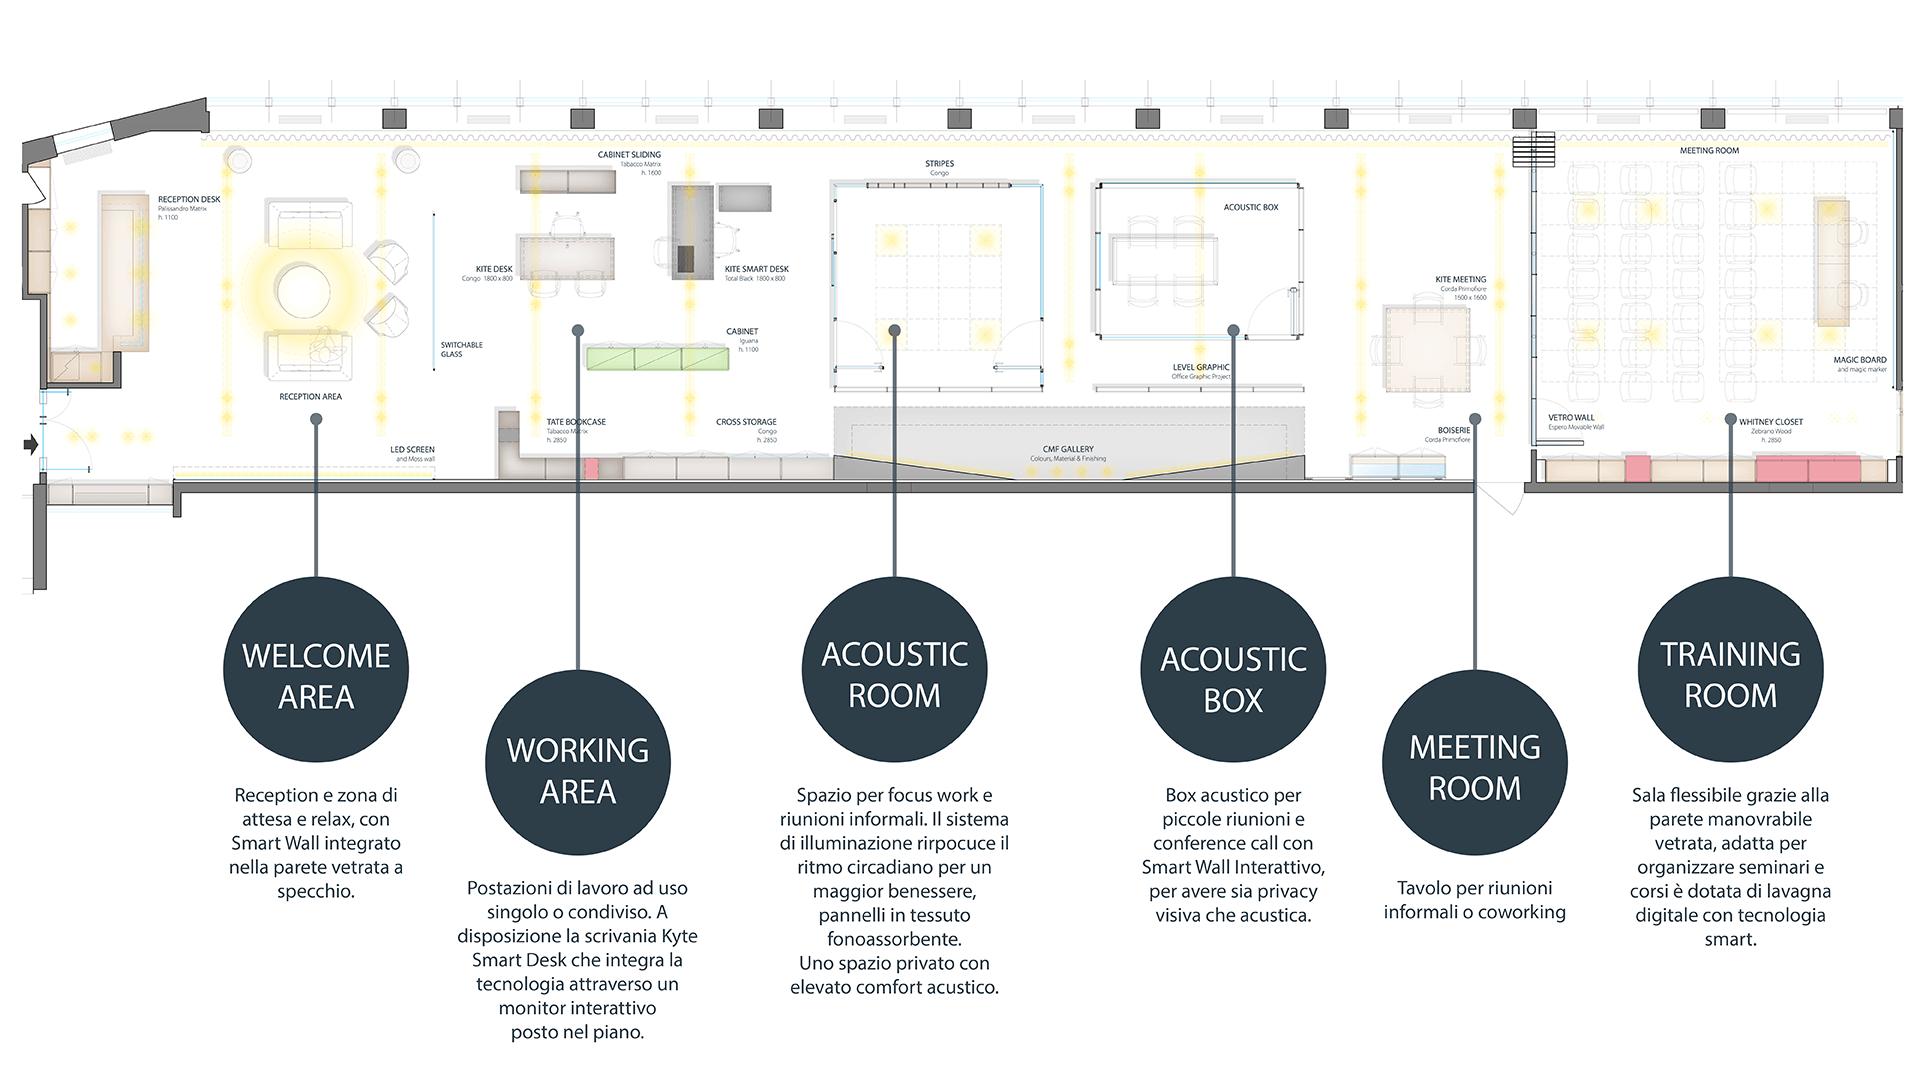 piantina dello spazio creativo levelhub